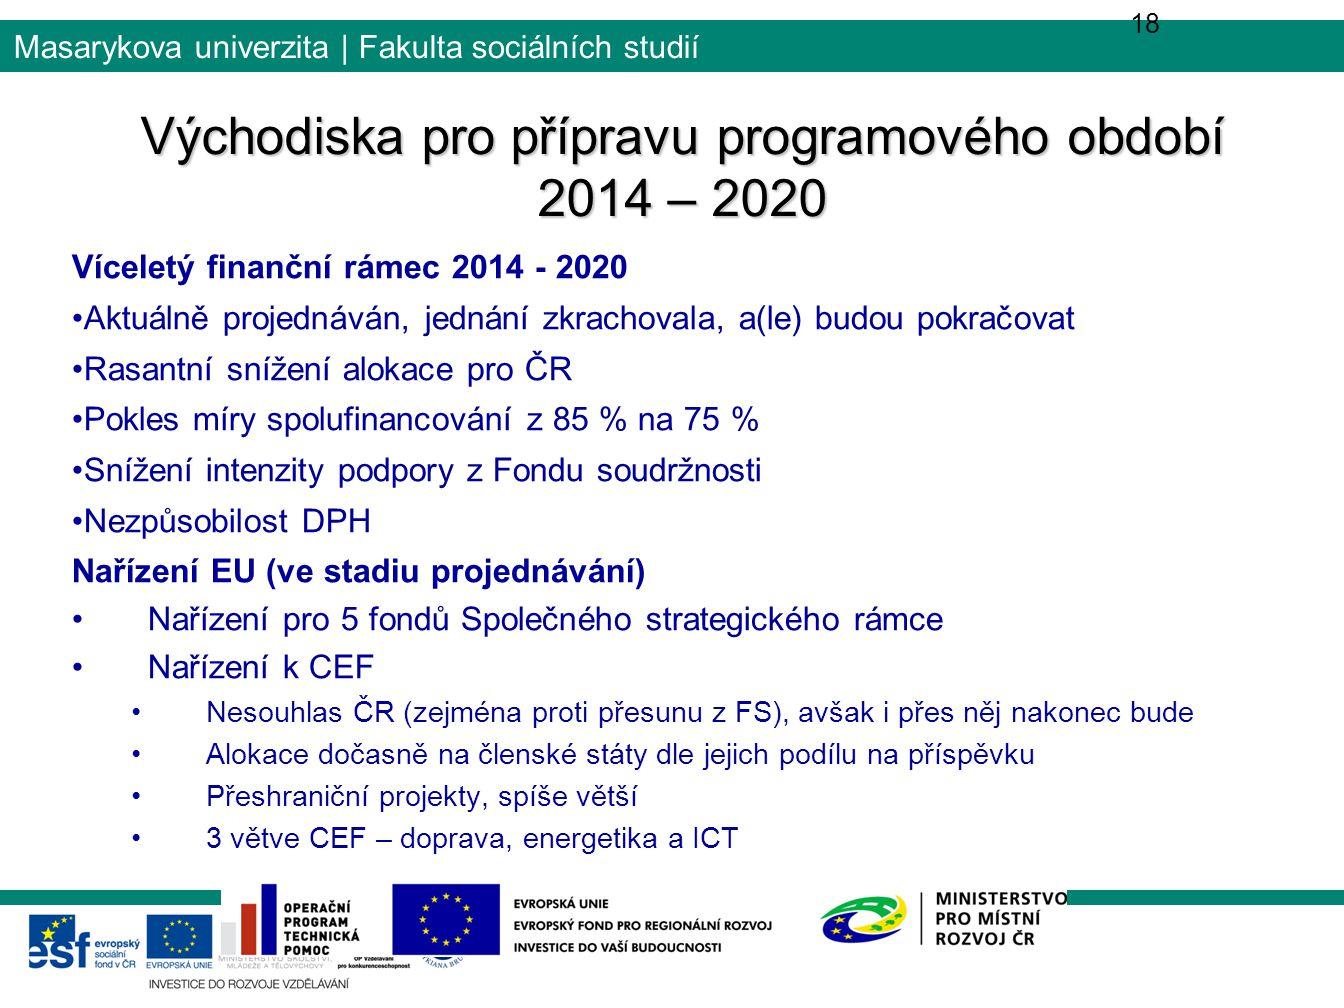 Masarykova univerzita | Fakulta sociálních studií Východiska pro přípravu programového období 2014 – 2020 18 Víceletý finanční rámec 2014 - 2020 Aktuá